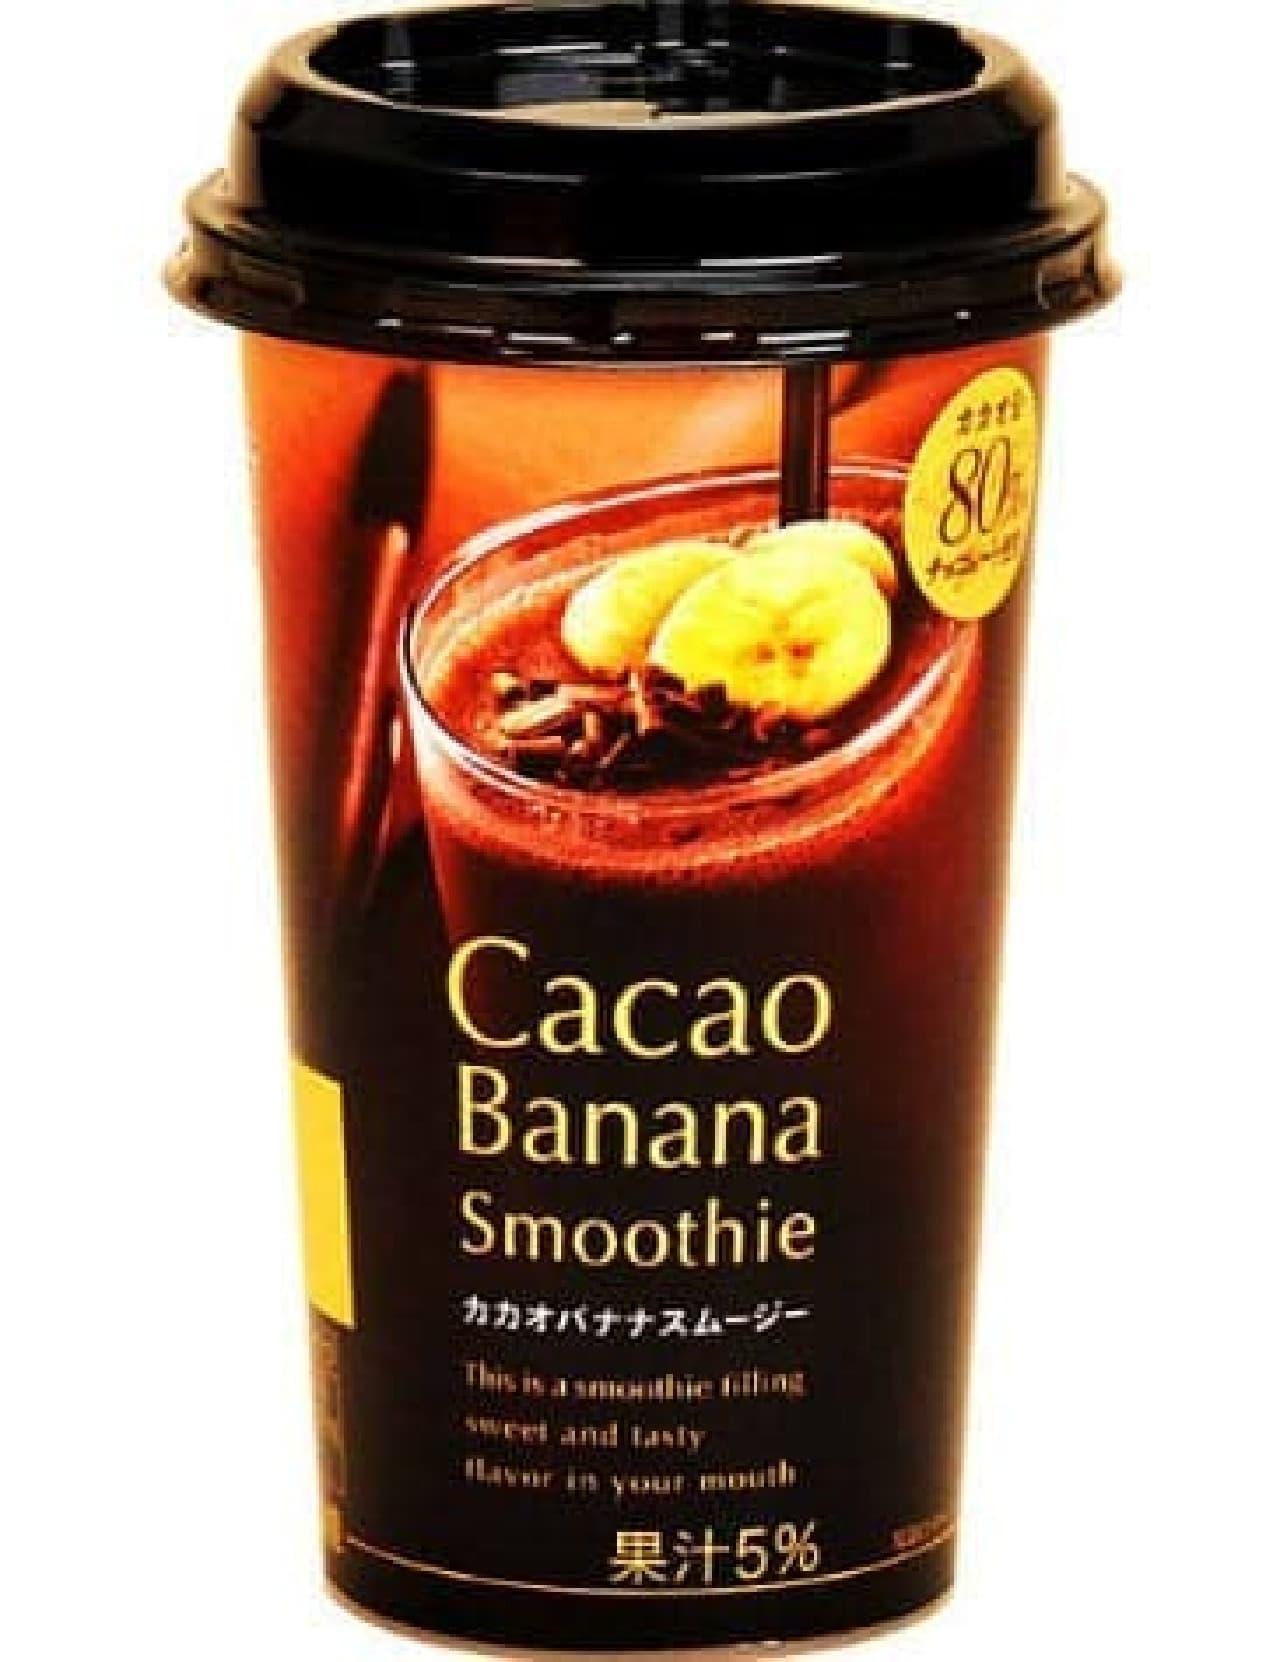 ビターなカカオ80%チョコ使用「カカオバナナスムージー」 ファミマ